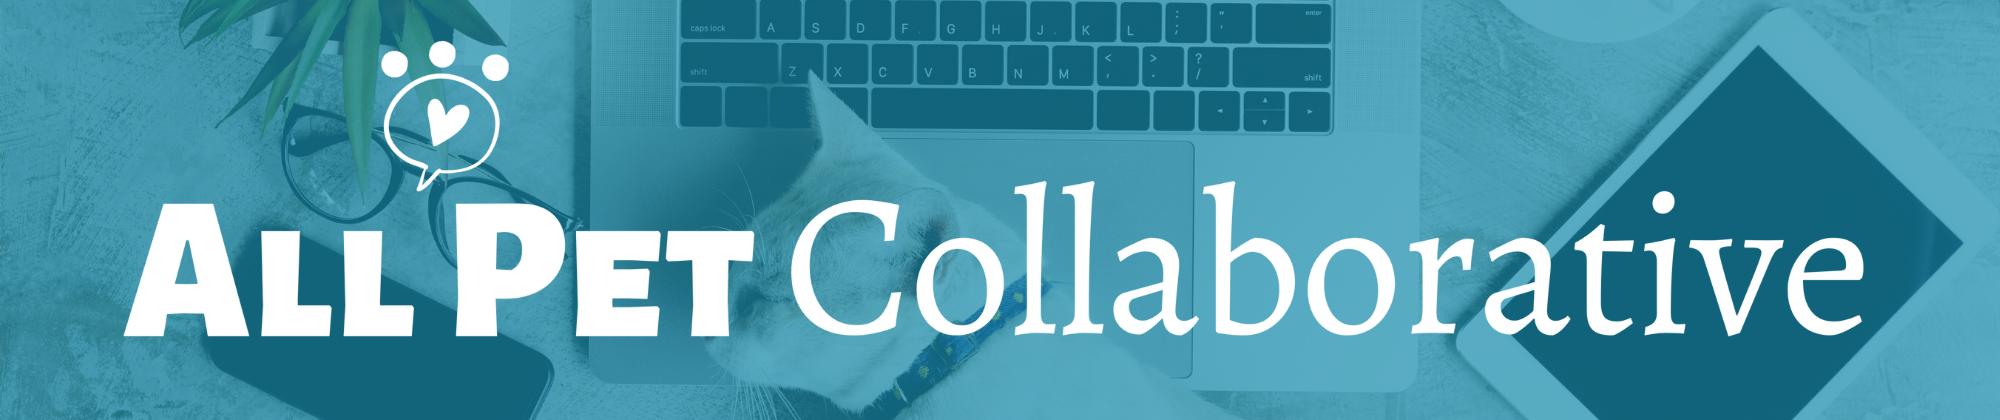 All Pet Collaborative